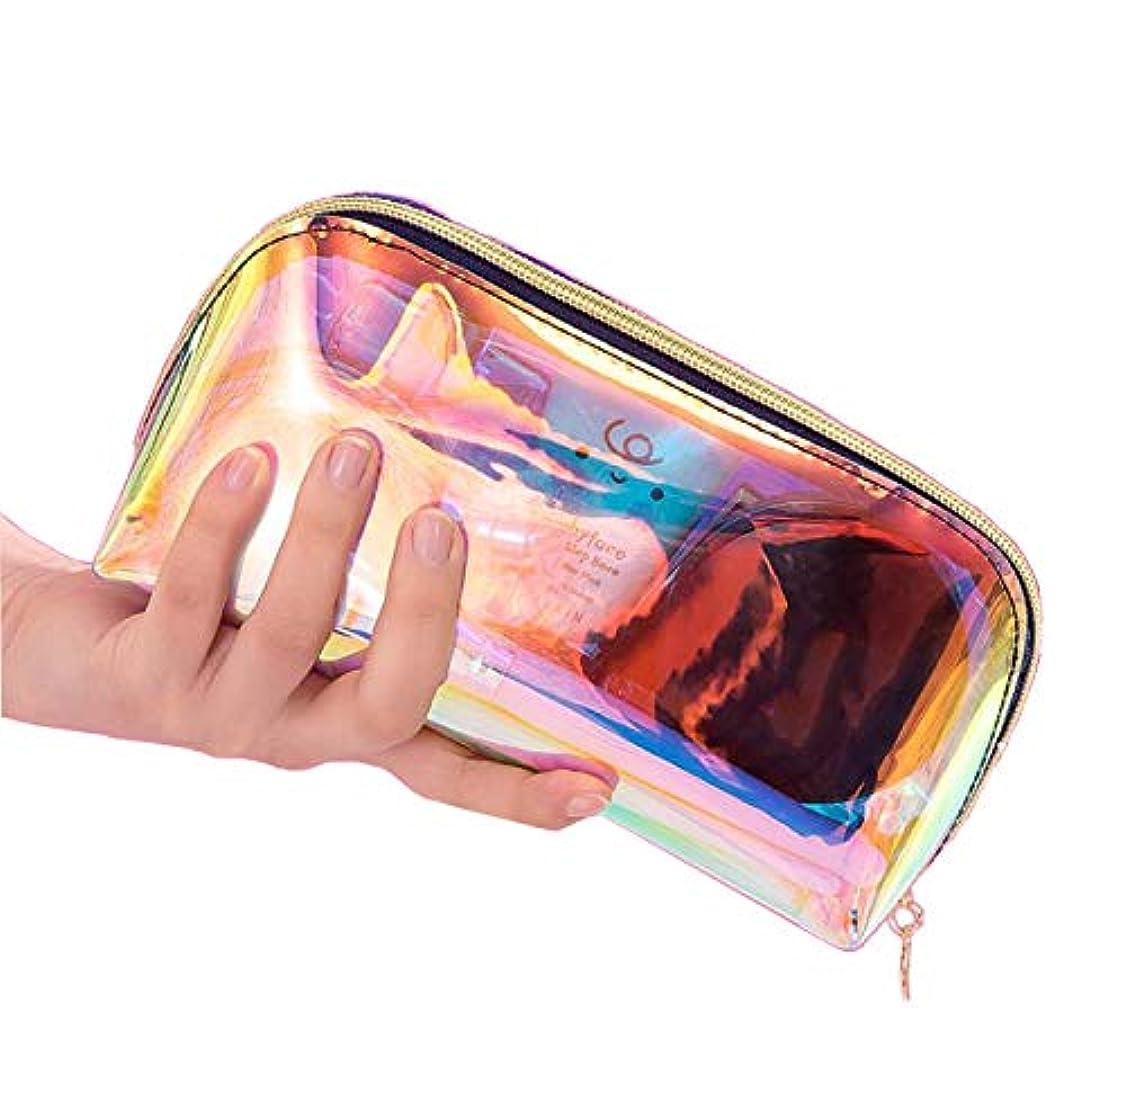 基準出撃者オピエートRanoki 化粧品バッグ 収納防水多彩透明メッシュ温泉、 ビーチサイド旅行、出張、便利、メイク 収納 メイクブラシポーチ化粧品